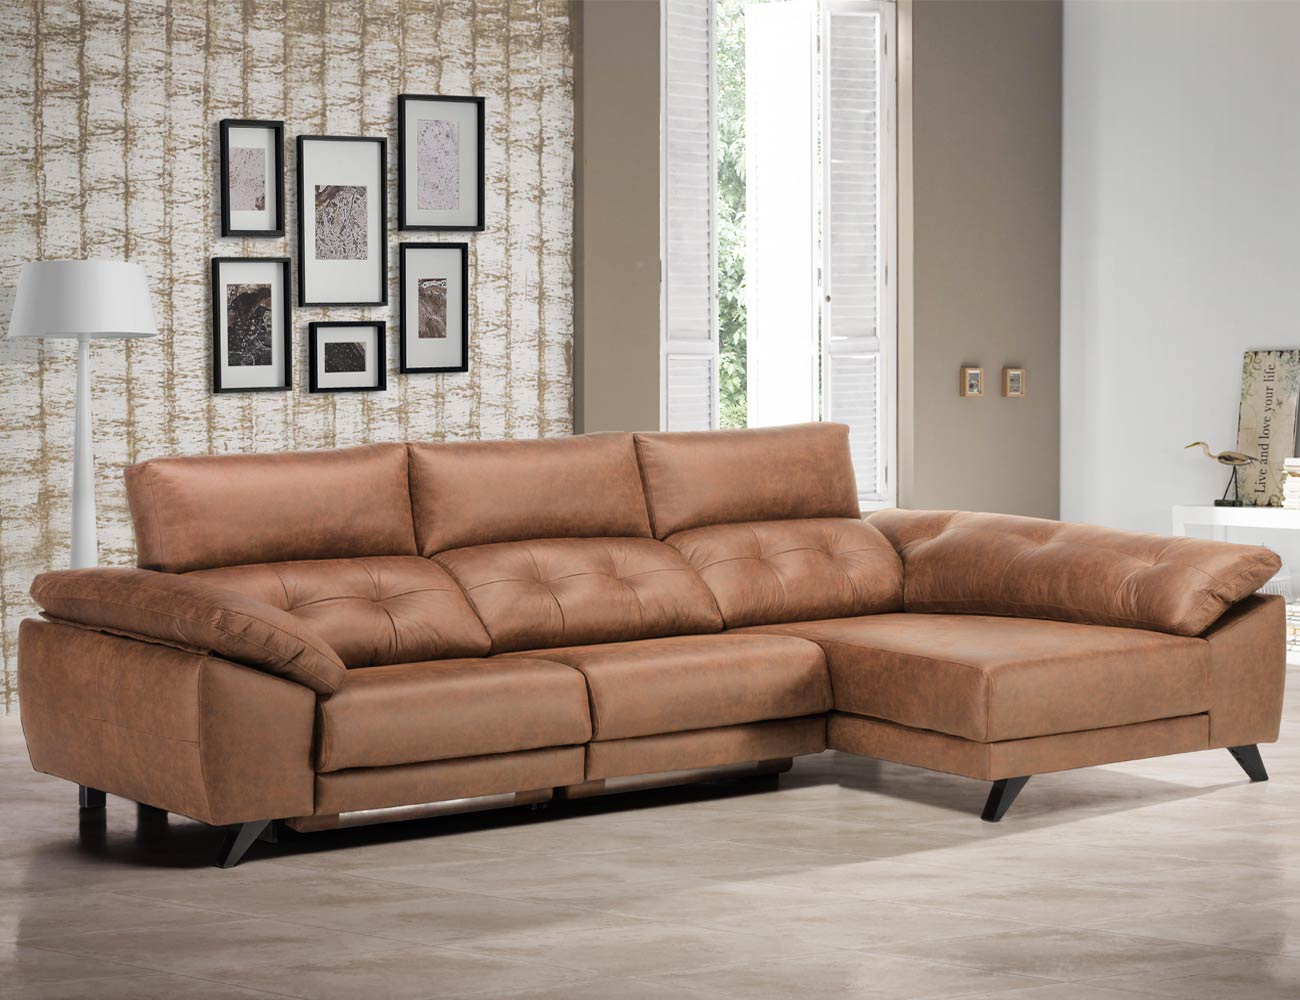 Sofa chaiselongue detalle